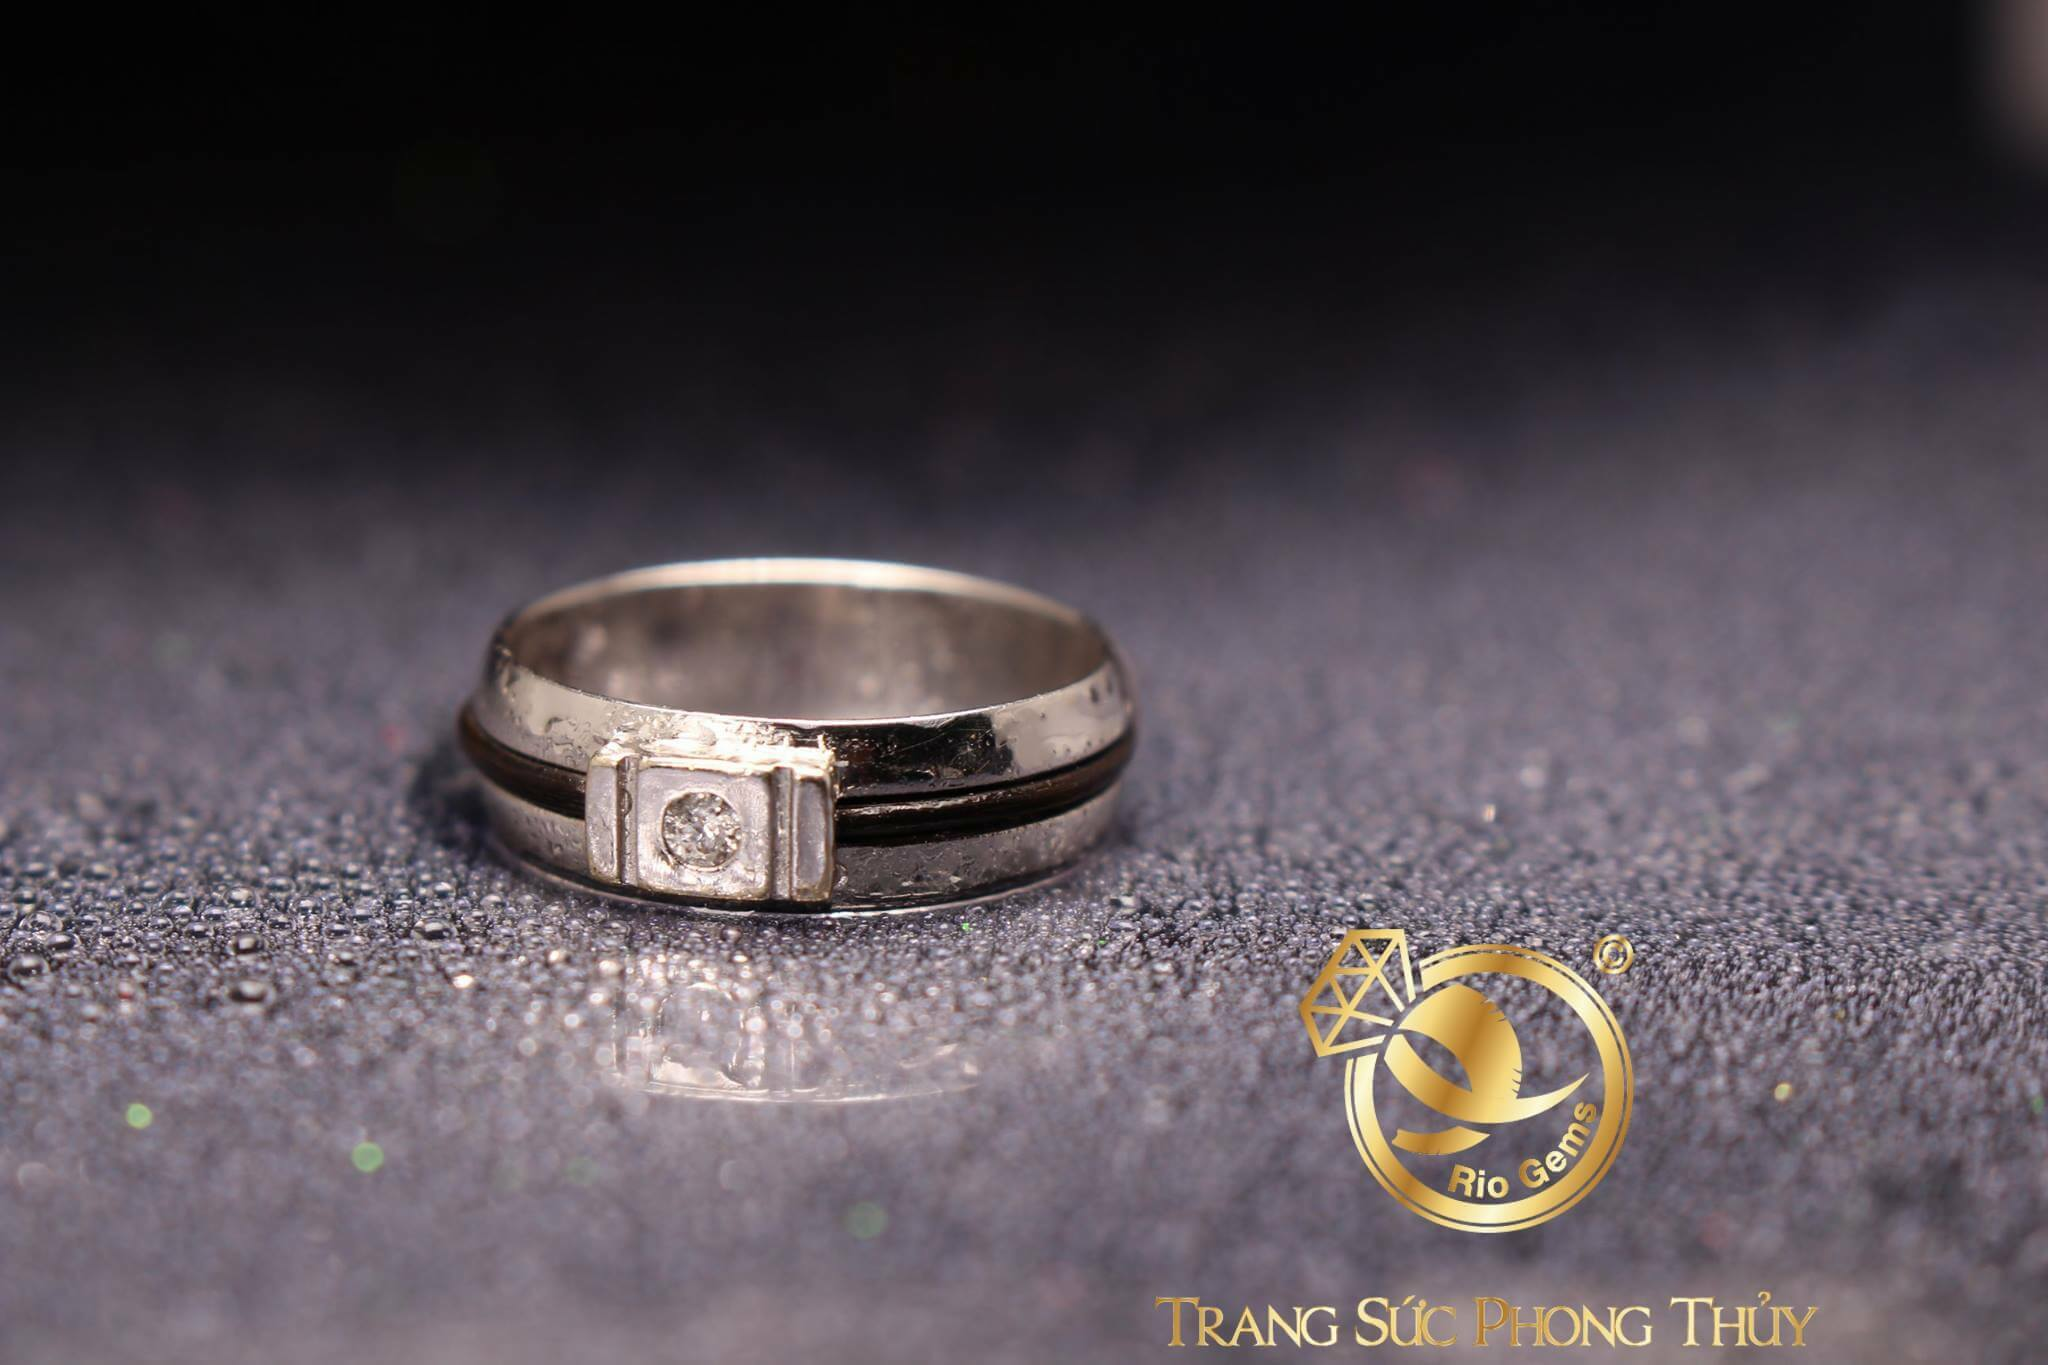 Nhẫn Thỏi Vàng Vàng Trắng Vàng Hồng đính đá Cz nổi bật